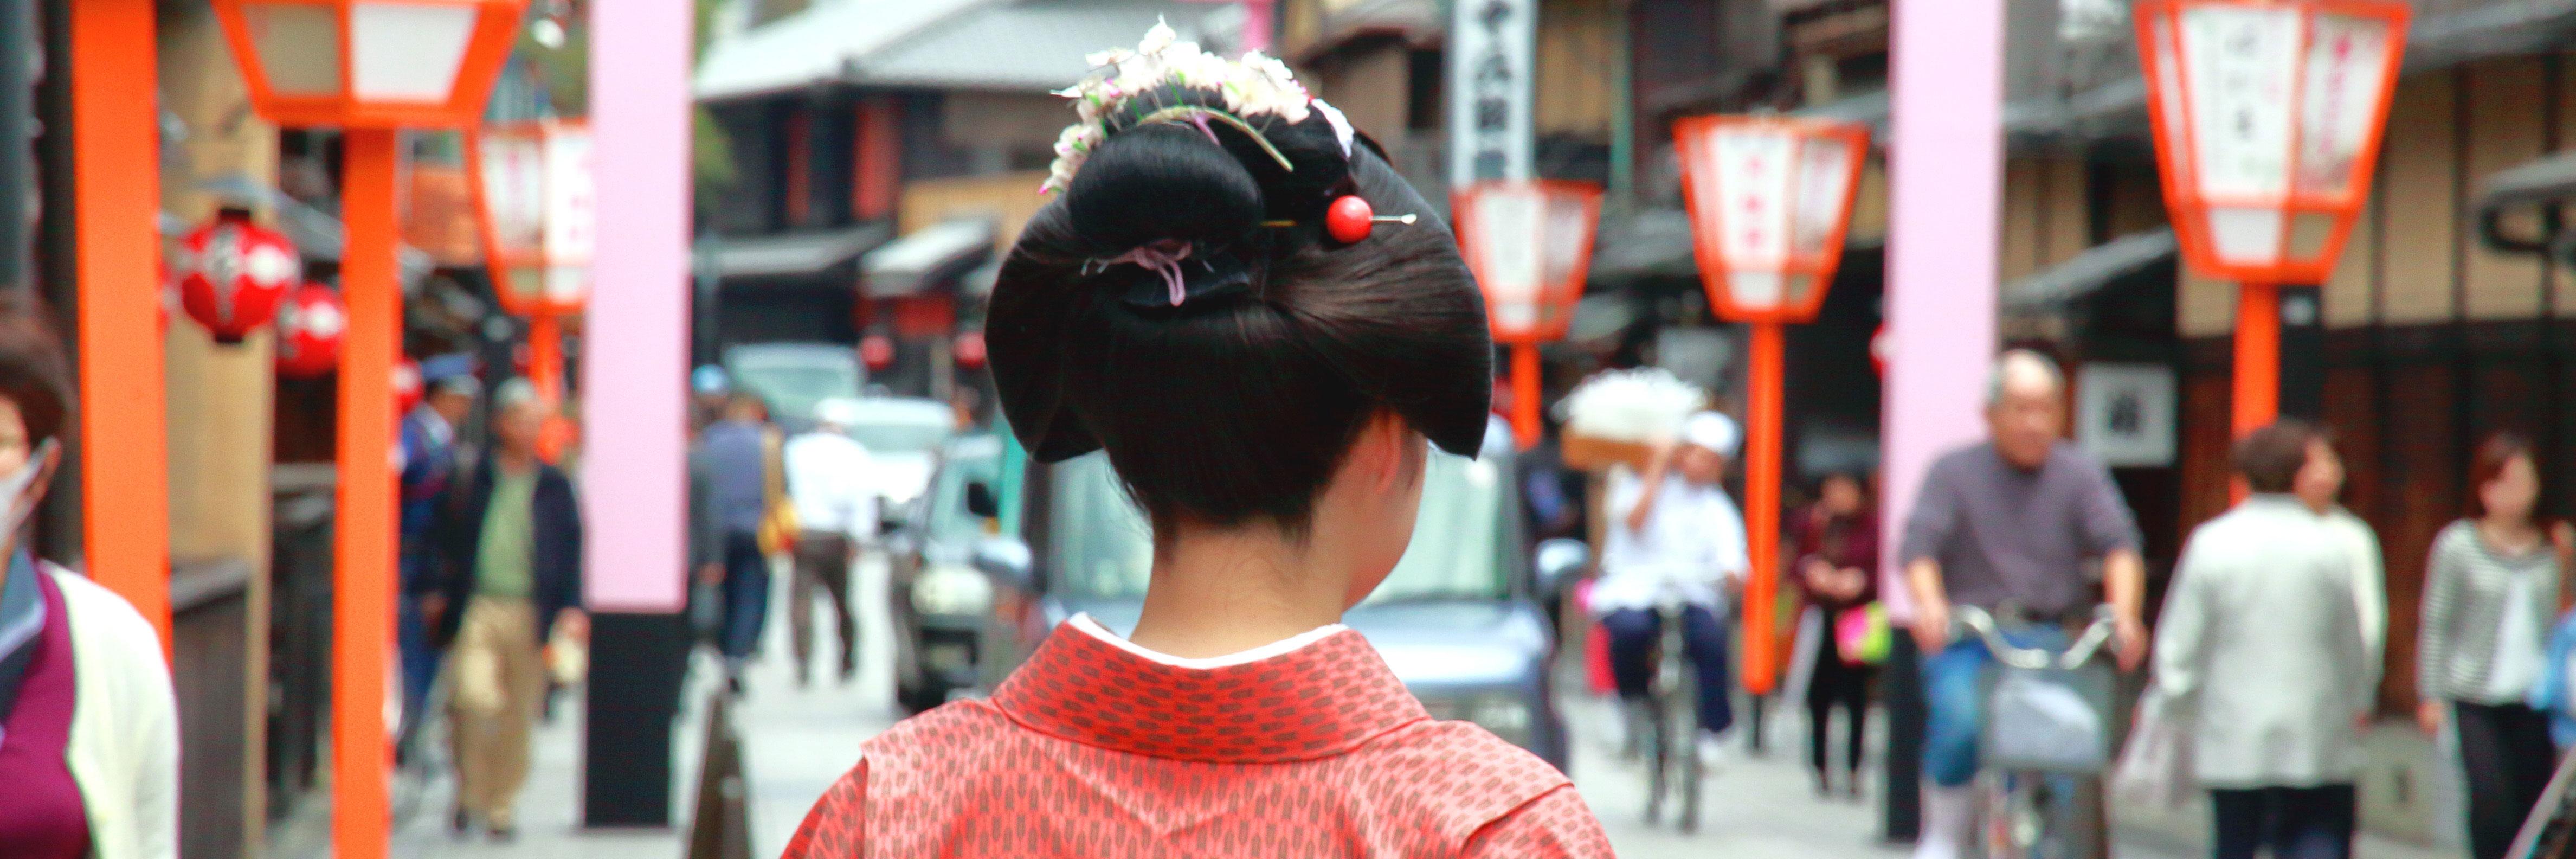 インバウンドもびっくりポンや、生粋の京都モンの真剣な取り組みです。